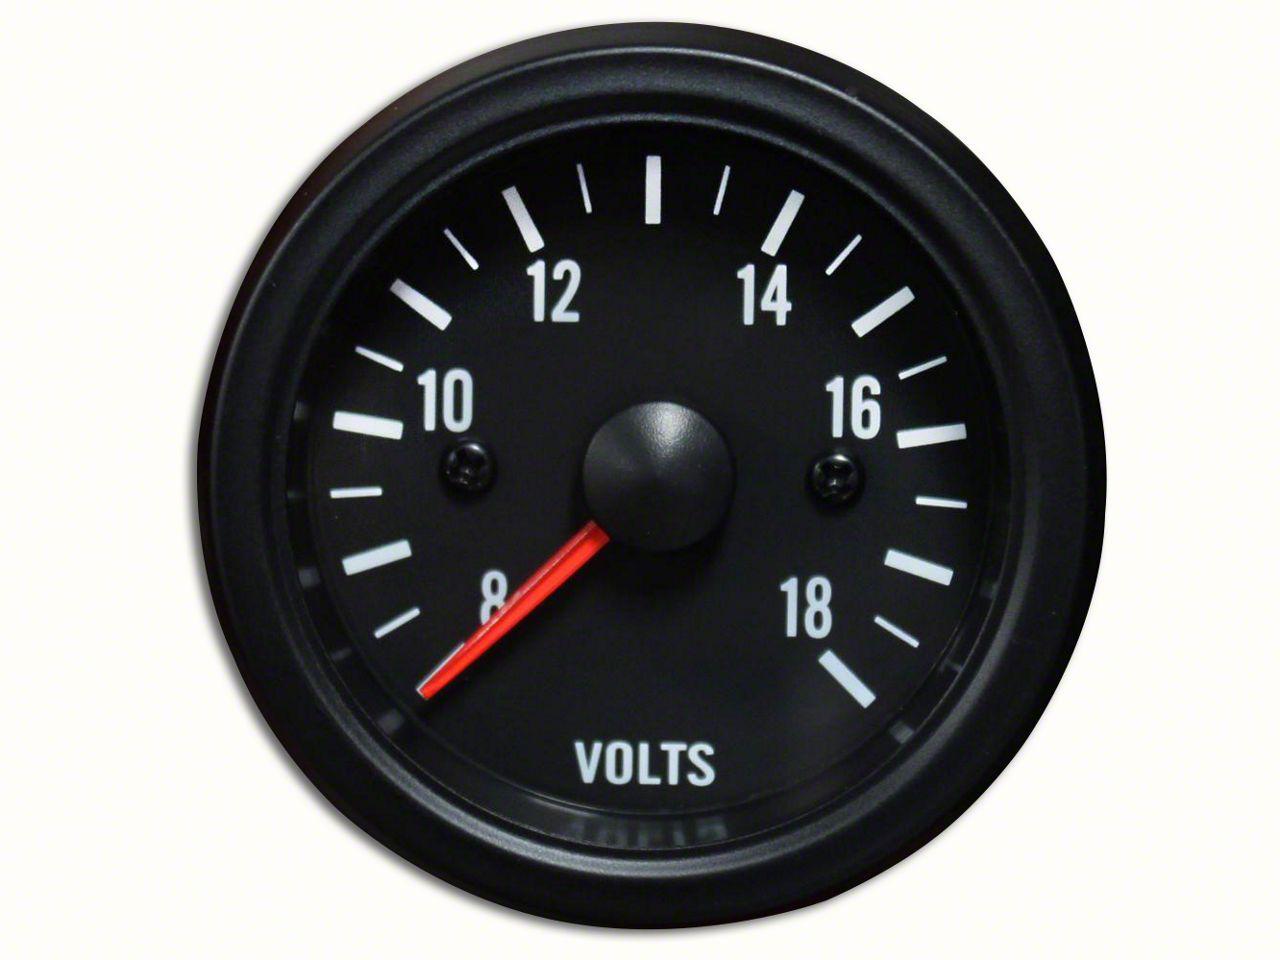 Prosport White LED Volt Gauge - Electrical (97-19 Jeep Wrangler TJ, JK & JL)